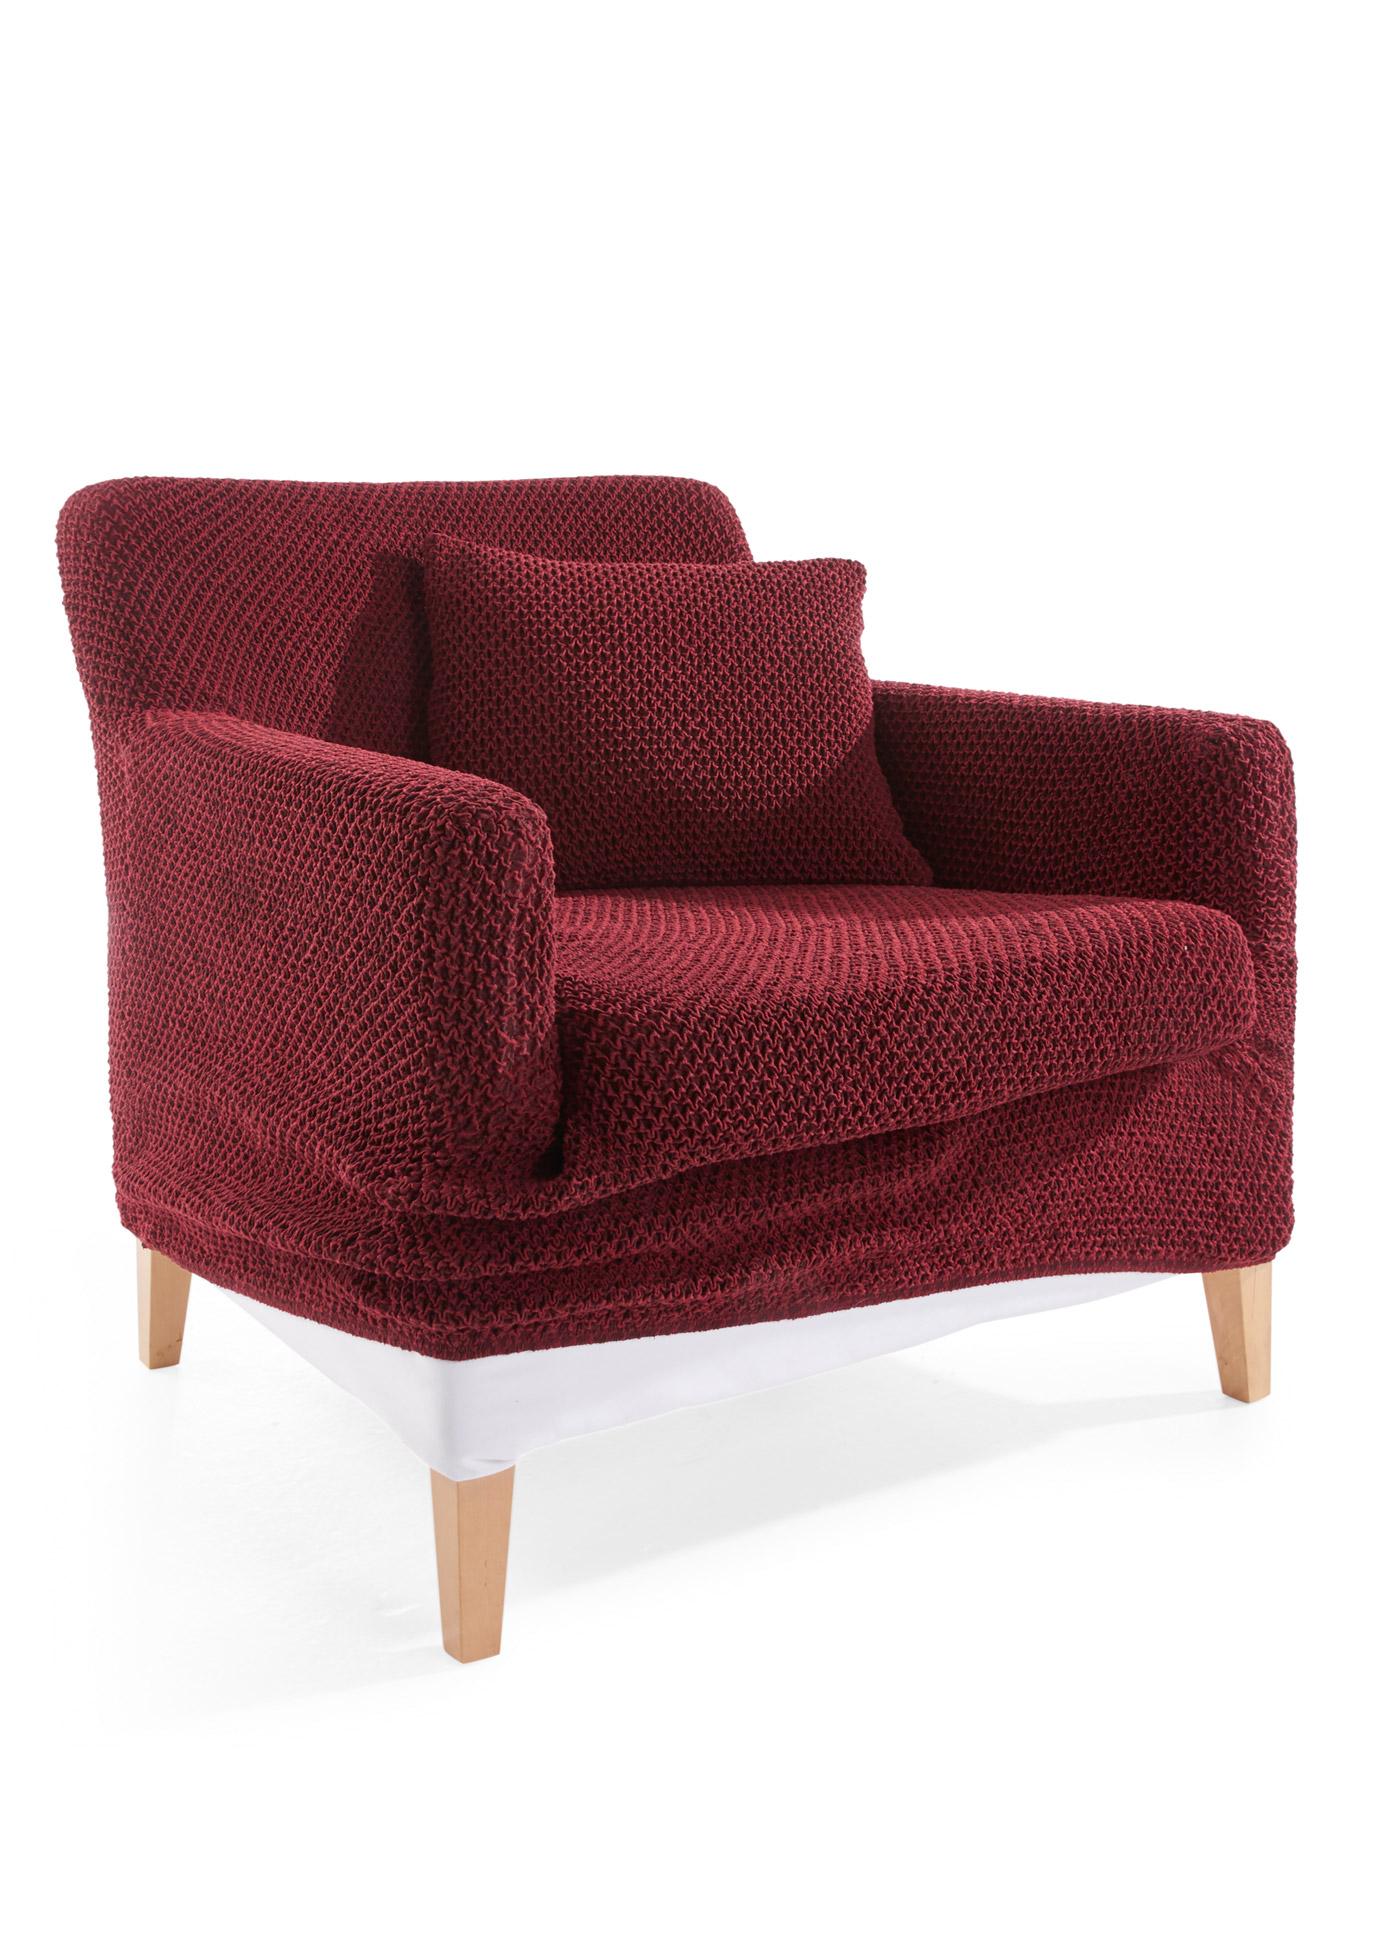 Copridivano Roma (Rosso) - bpc living bonprix collection